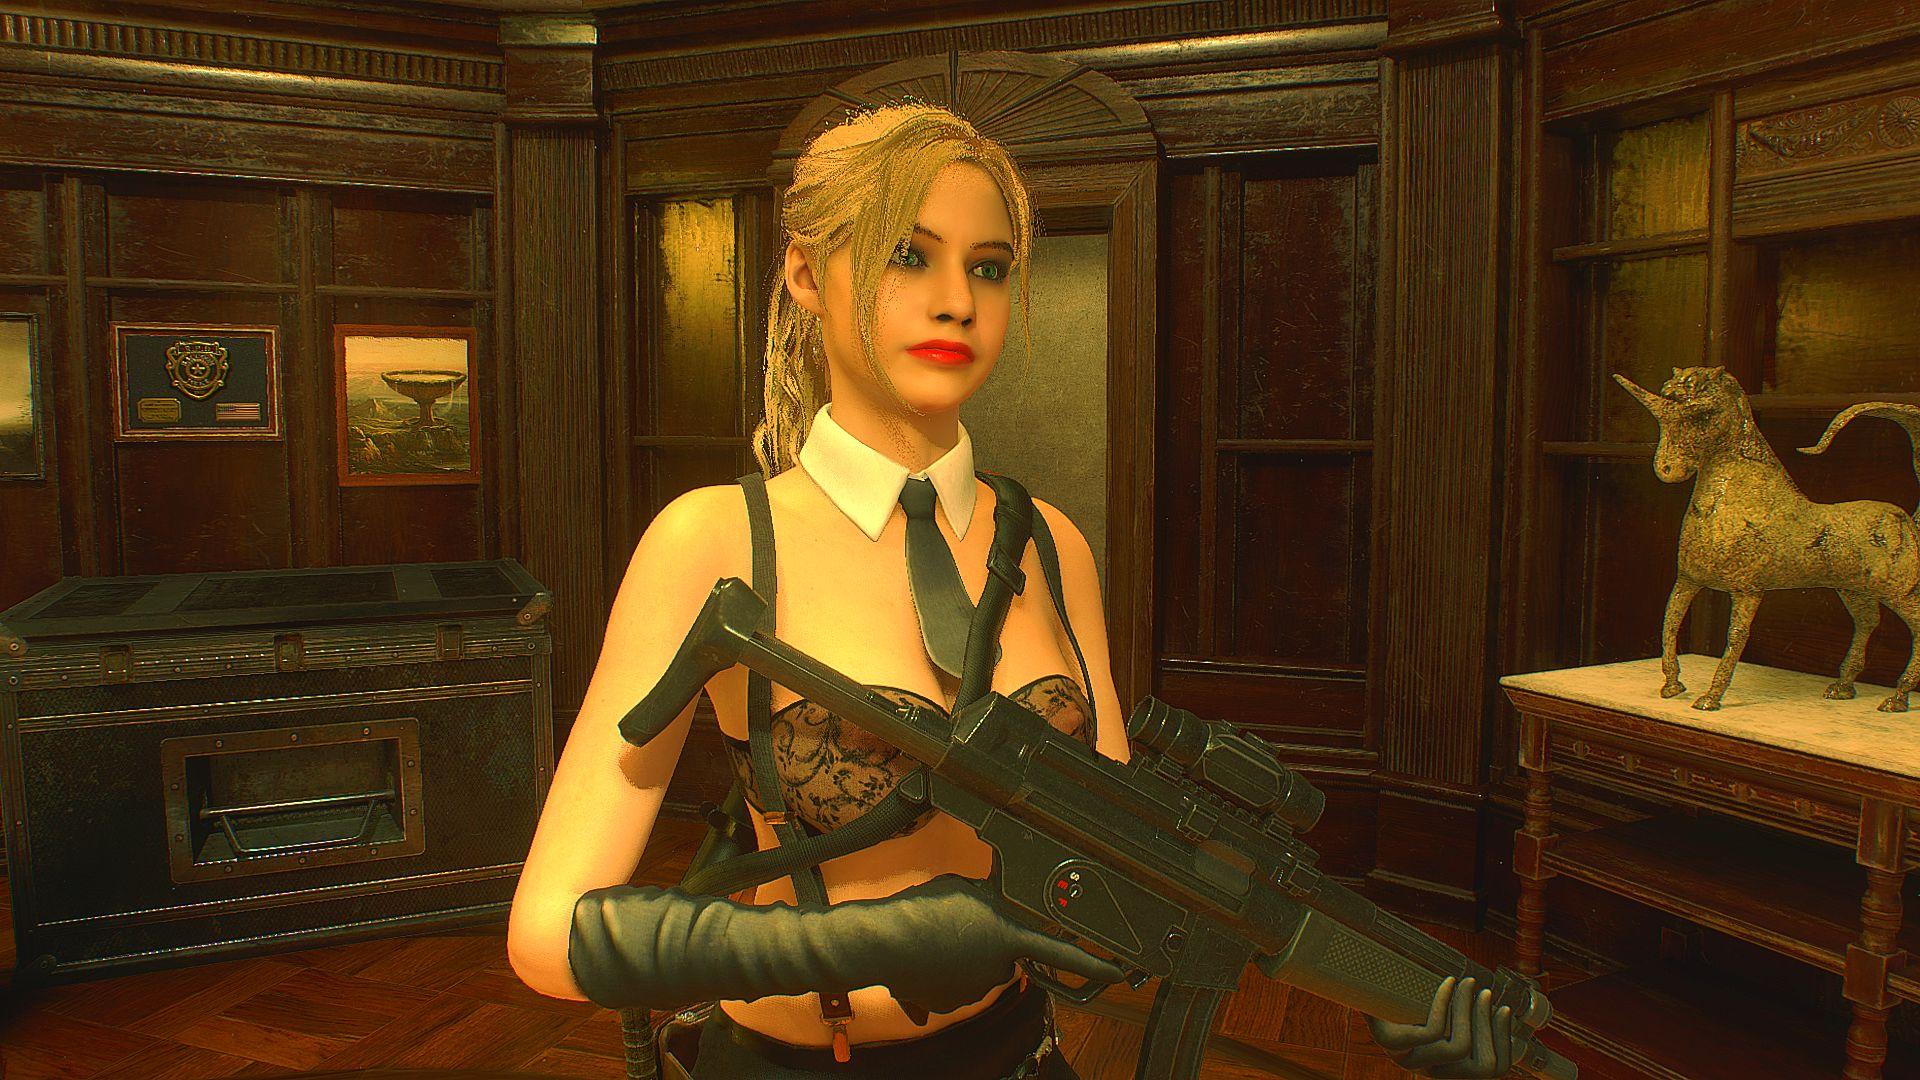 00035.Jpg - Resident Evil 2